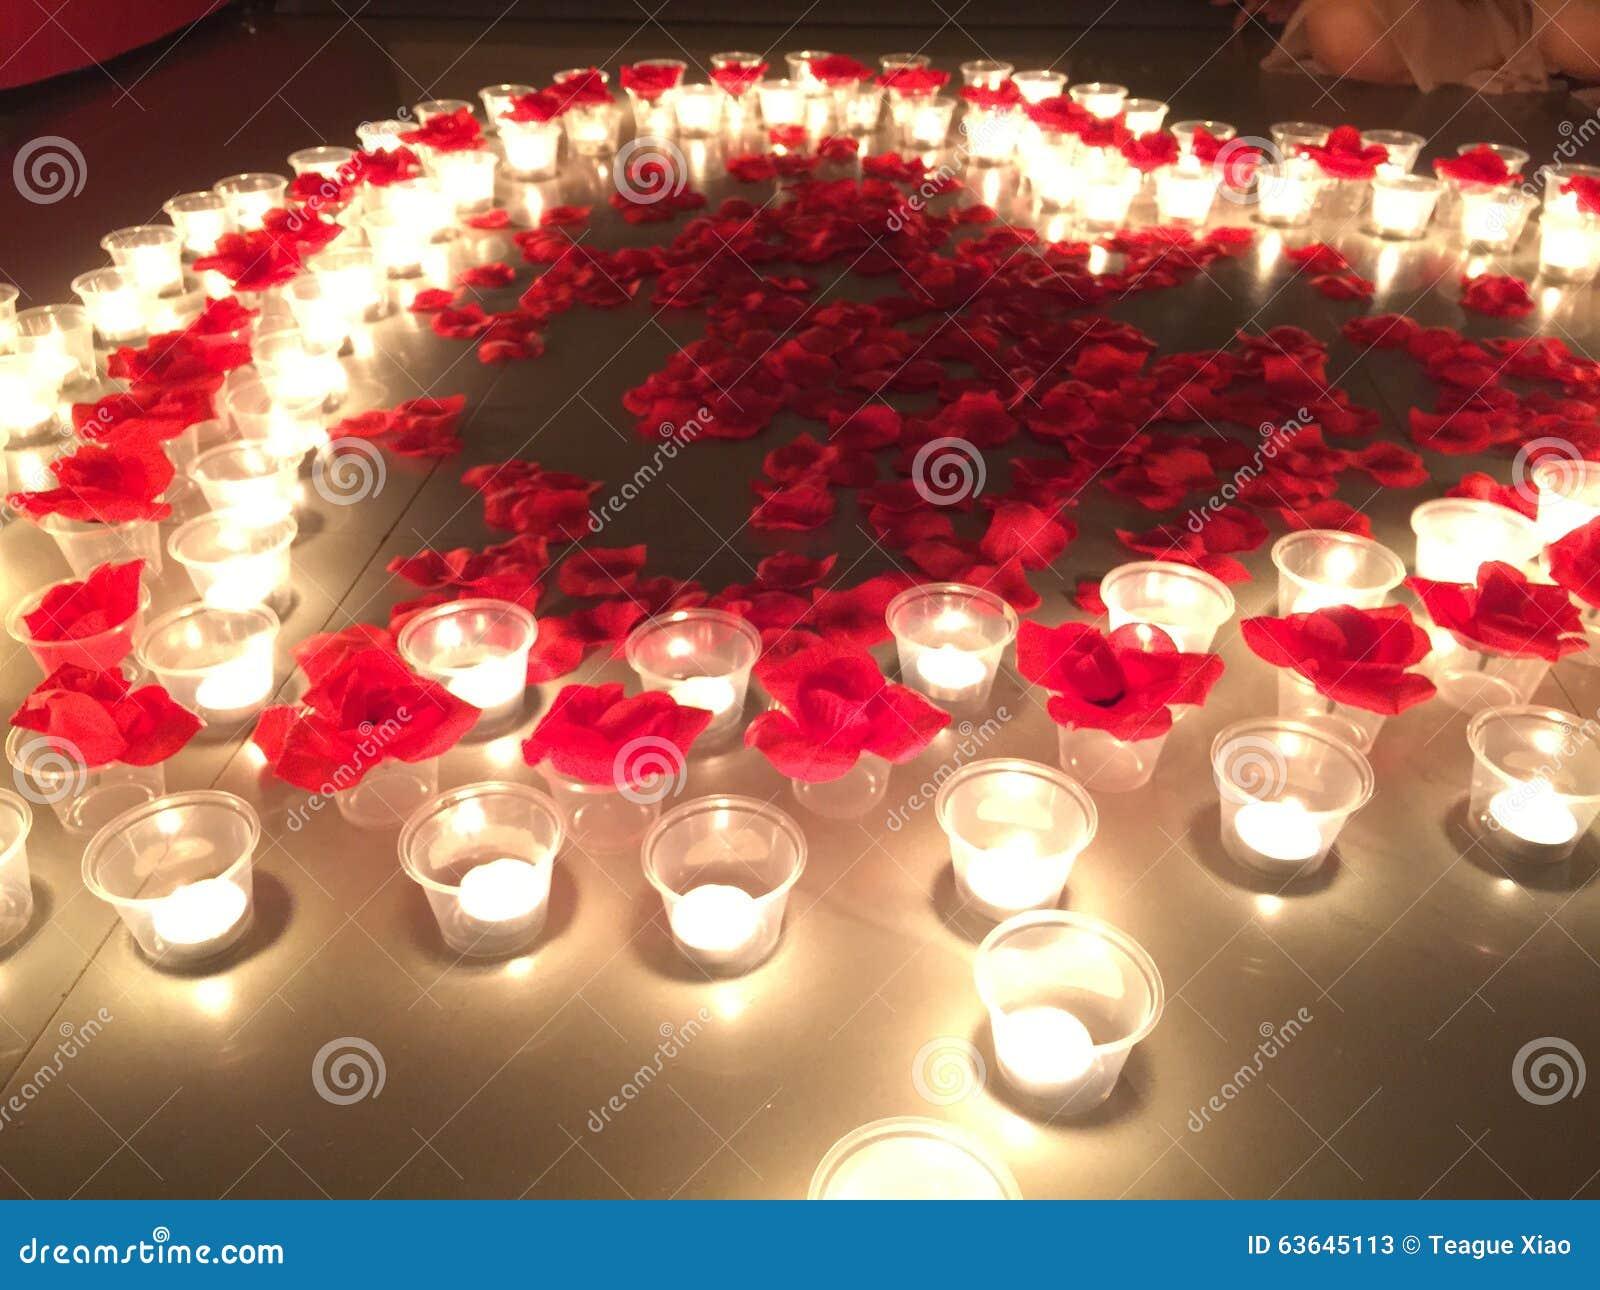 Coeur De Petale De Rose Avec La Bougie La Nuit Image Stock Image